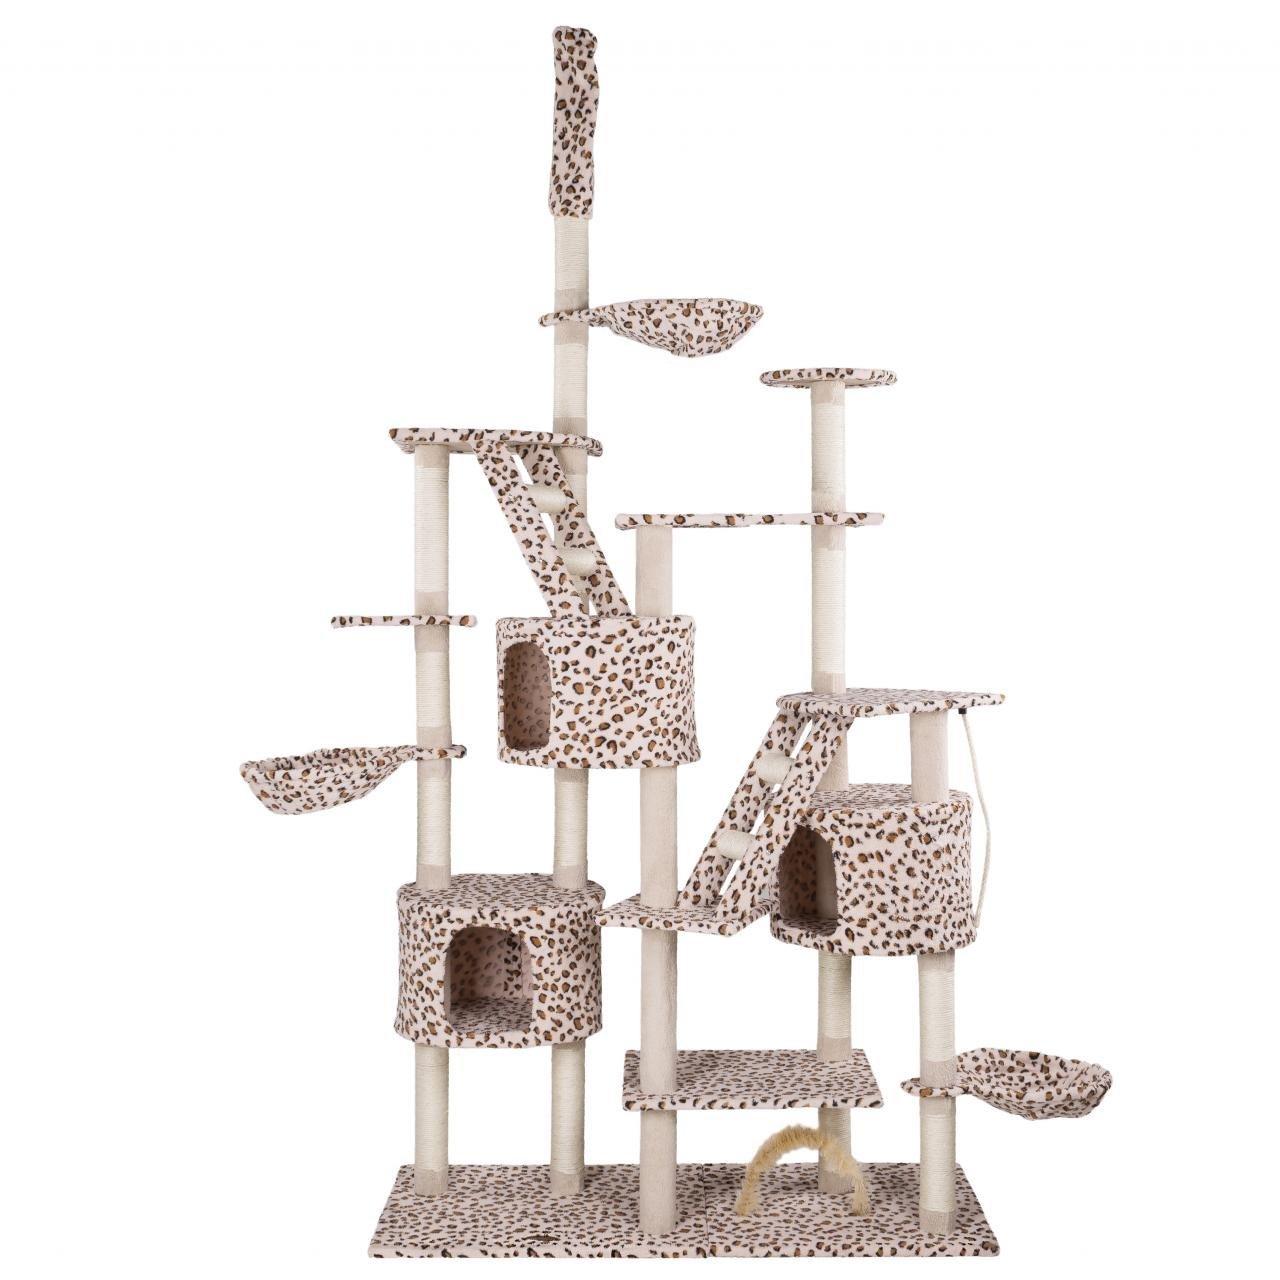 Kočičí škrabadlo XXXL - leopardí 260cm vysoké